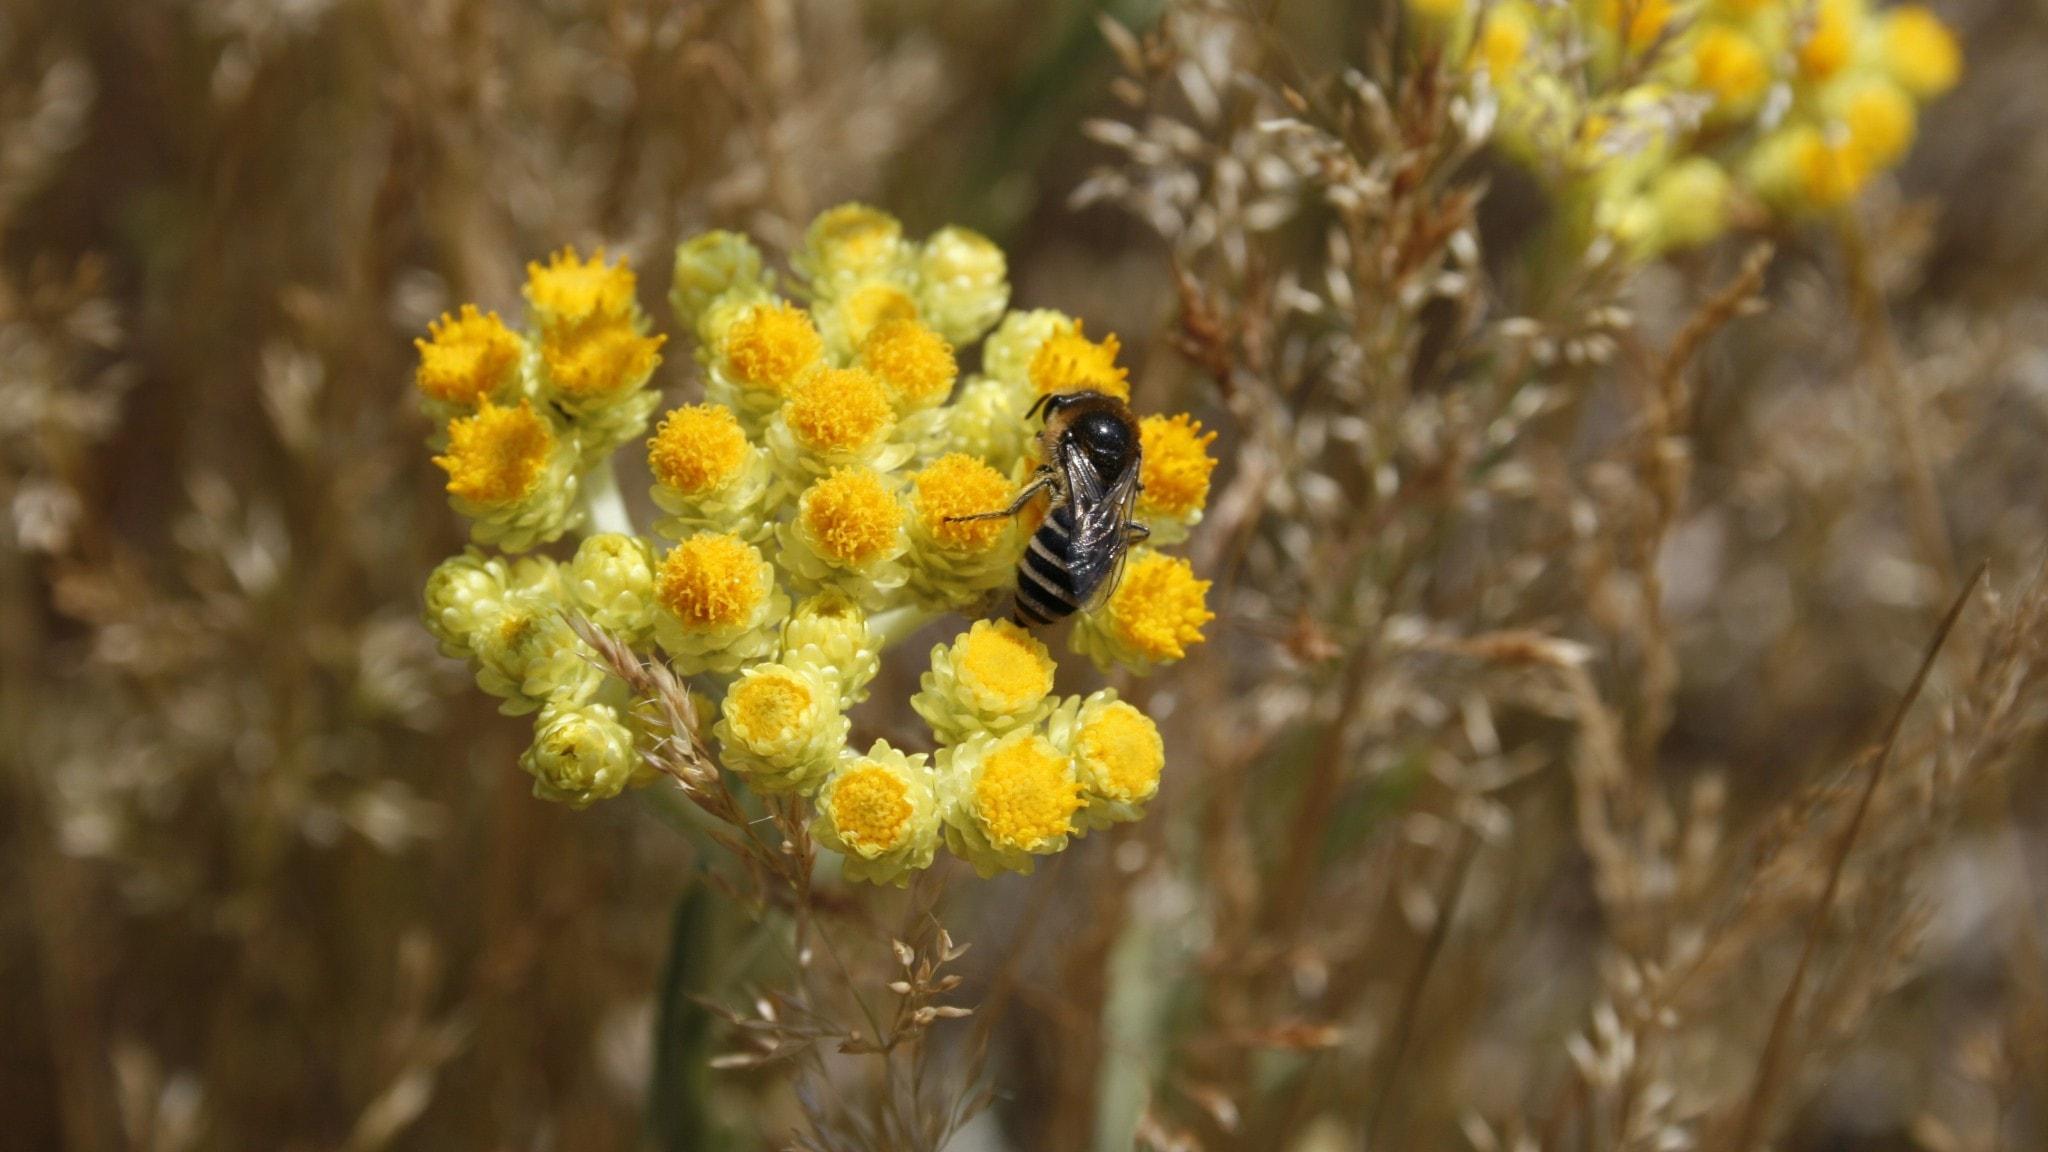 Ett bi besöker en gul blomma.